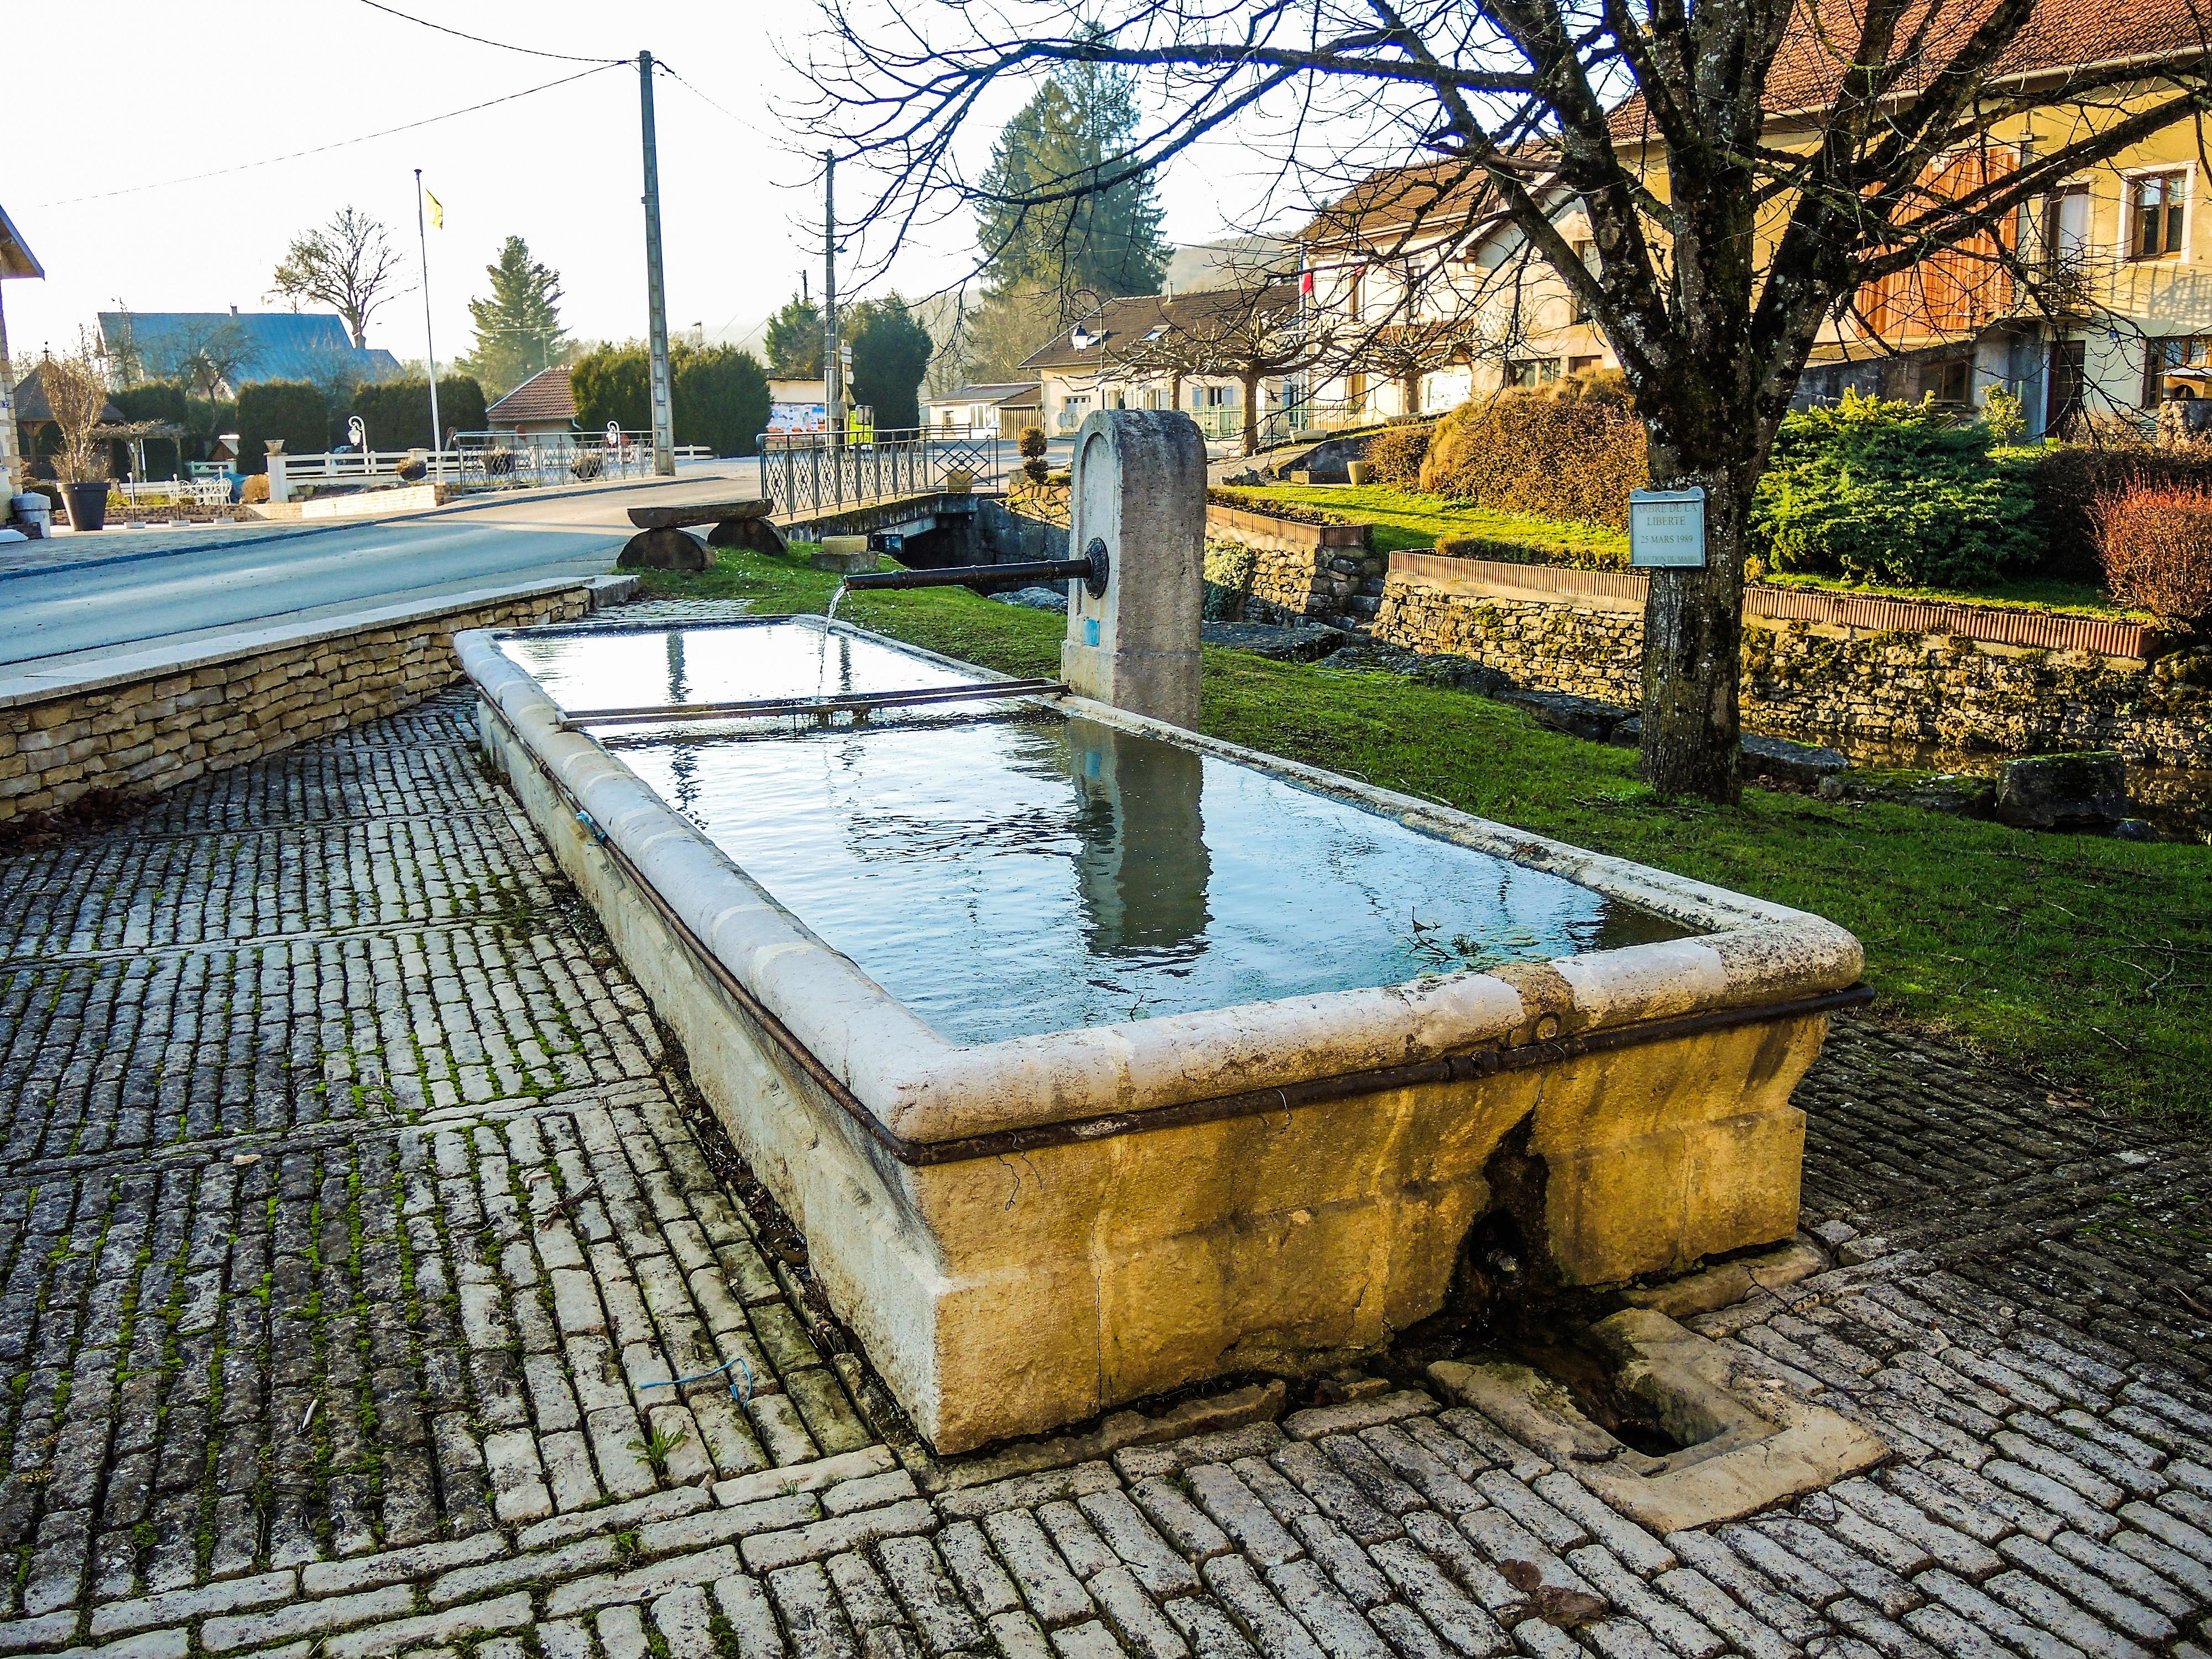 File:Fontaine-lavoir, sur la place du village.jpg - Wikimedia Commons